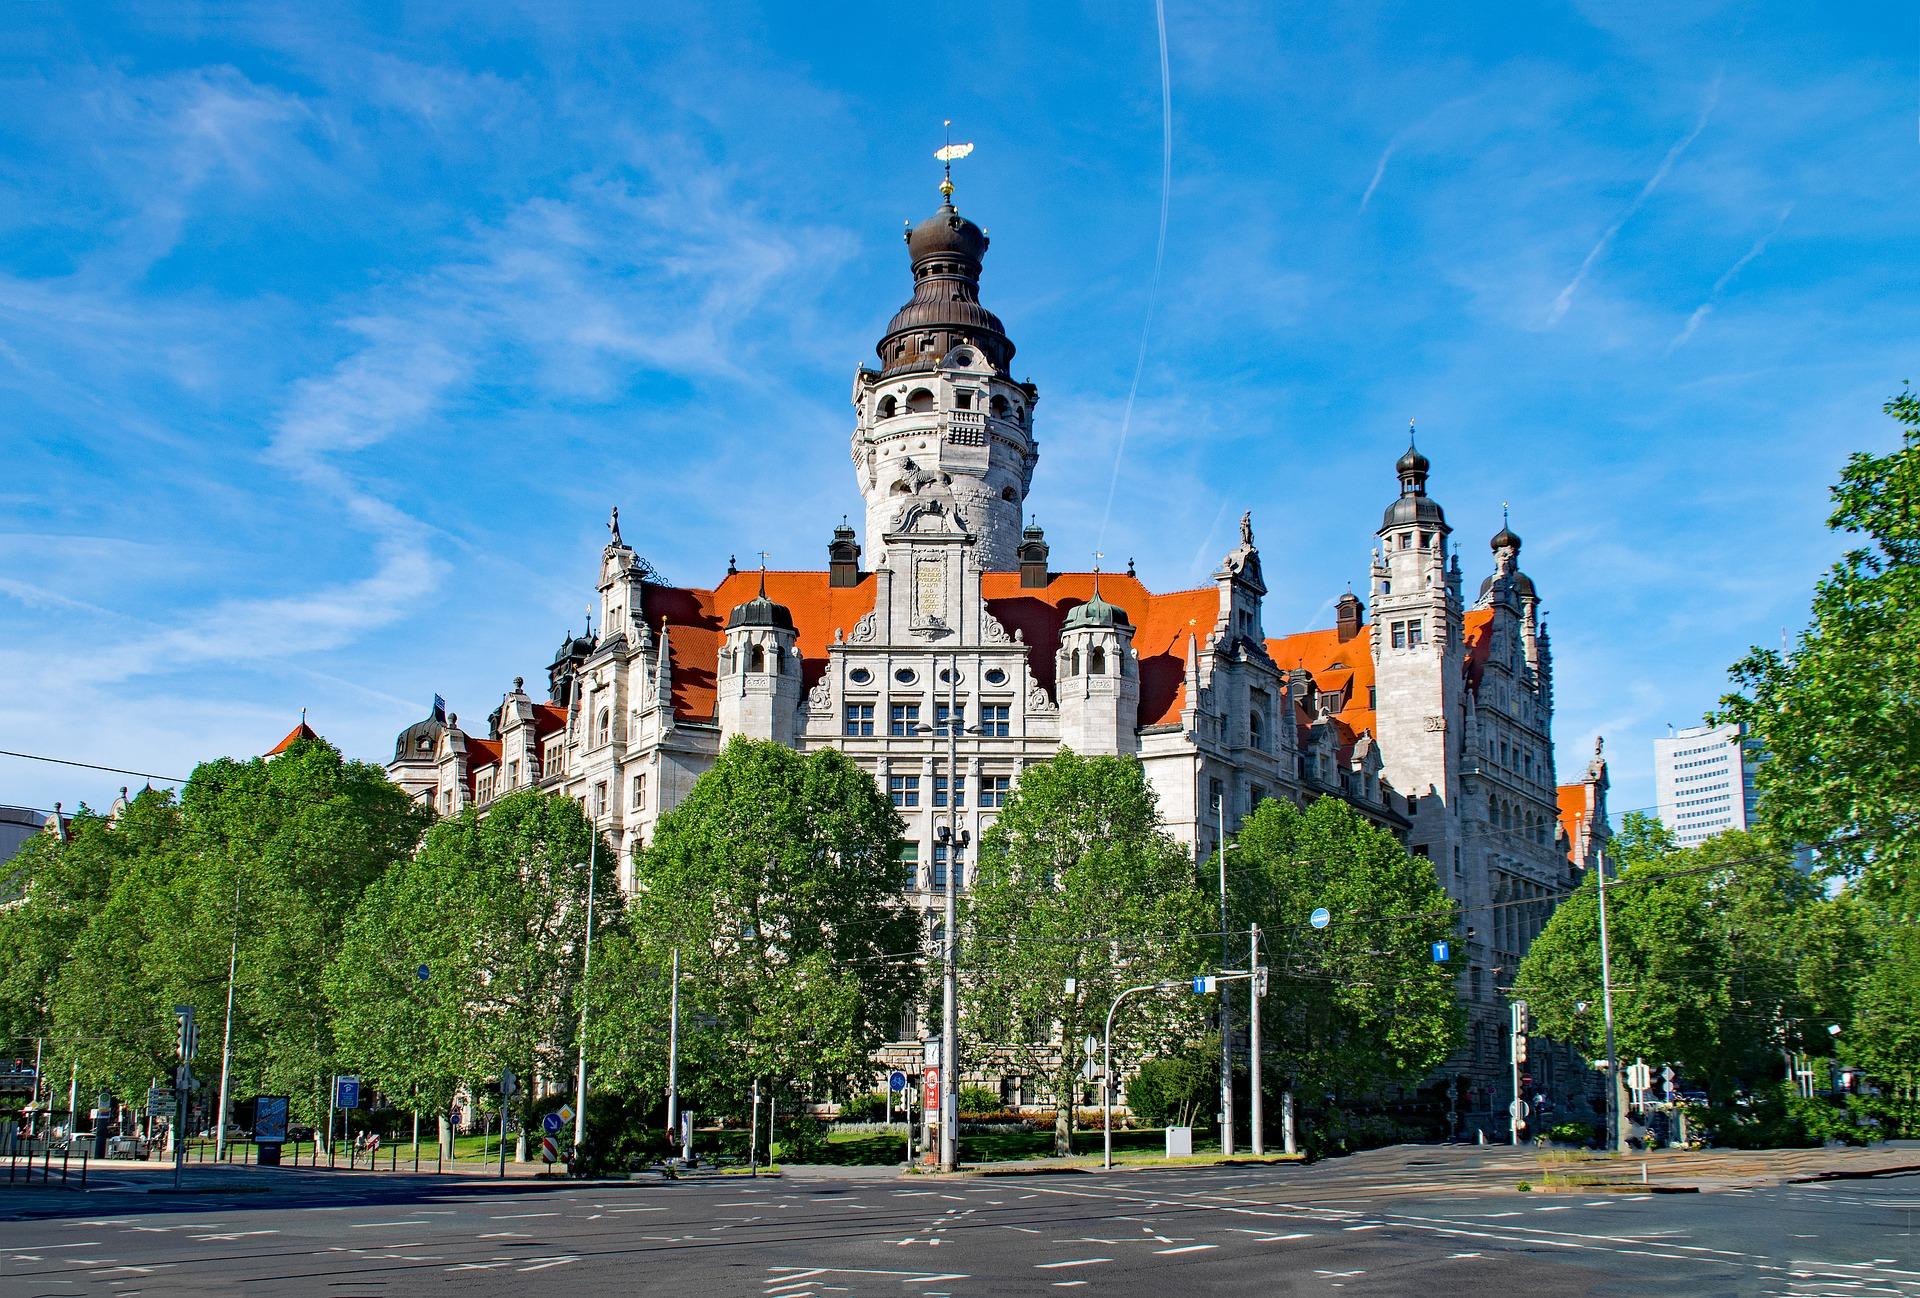 Städtereise Leipzig: Empfehlungen & Vergleich (05/21)